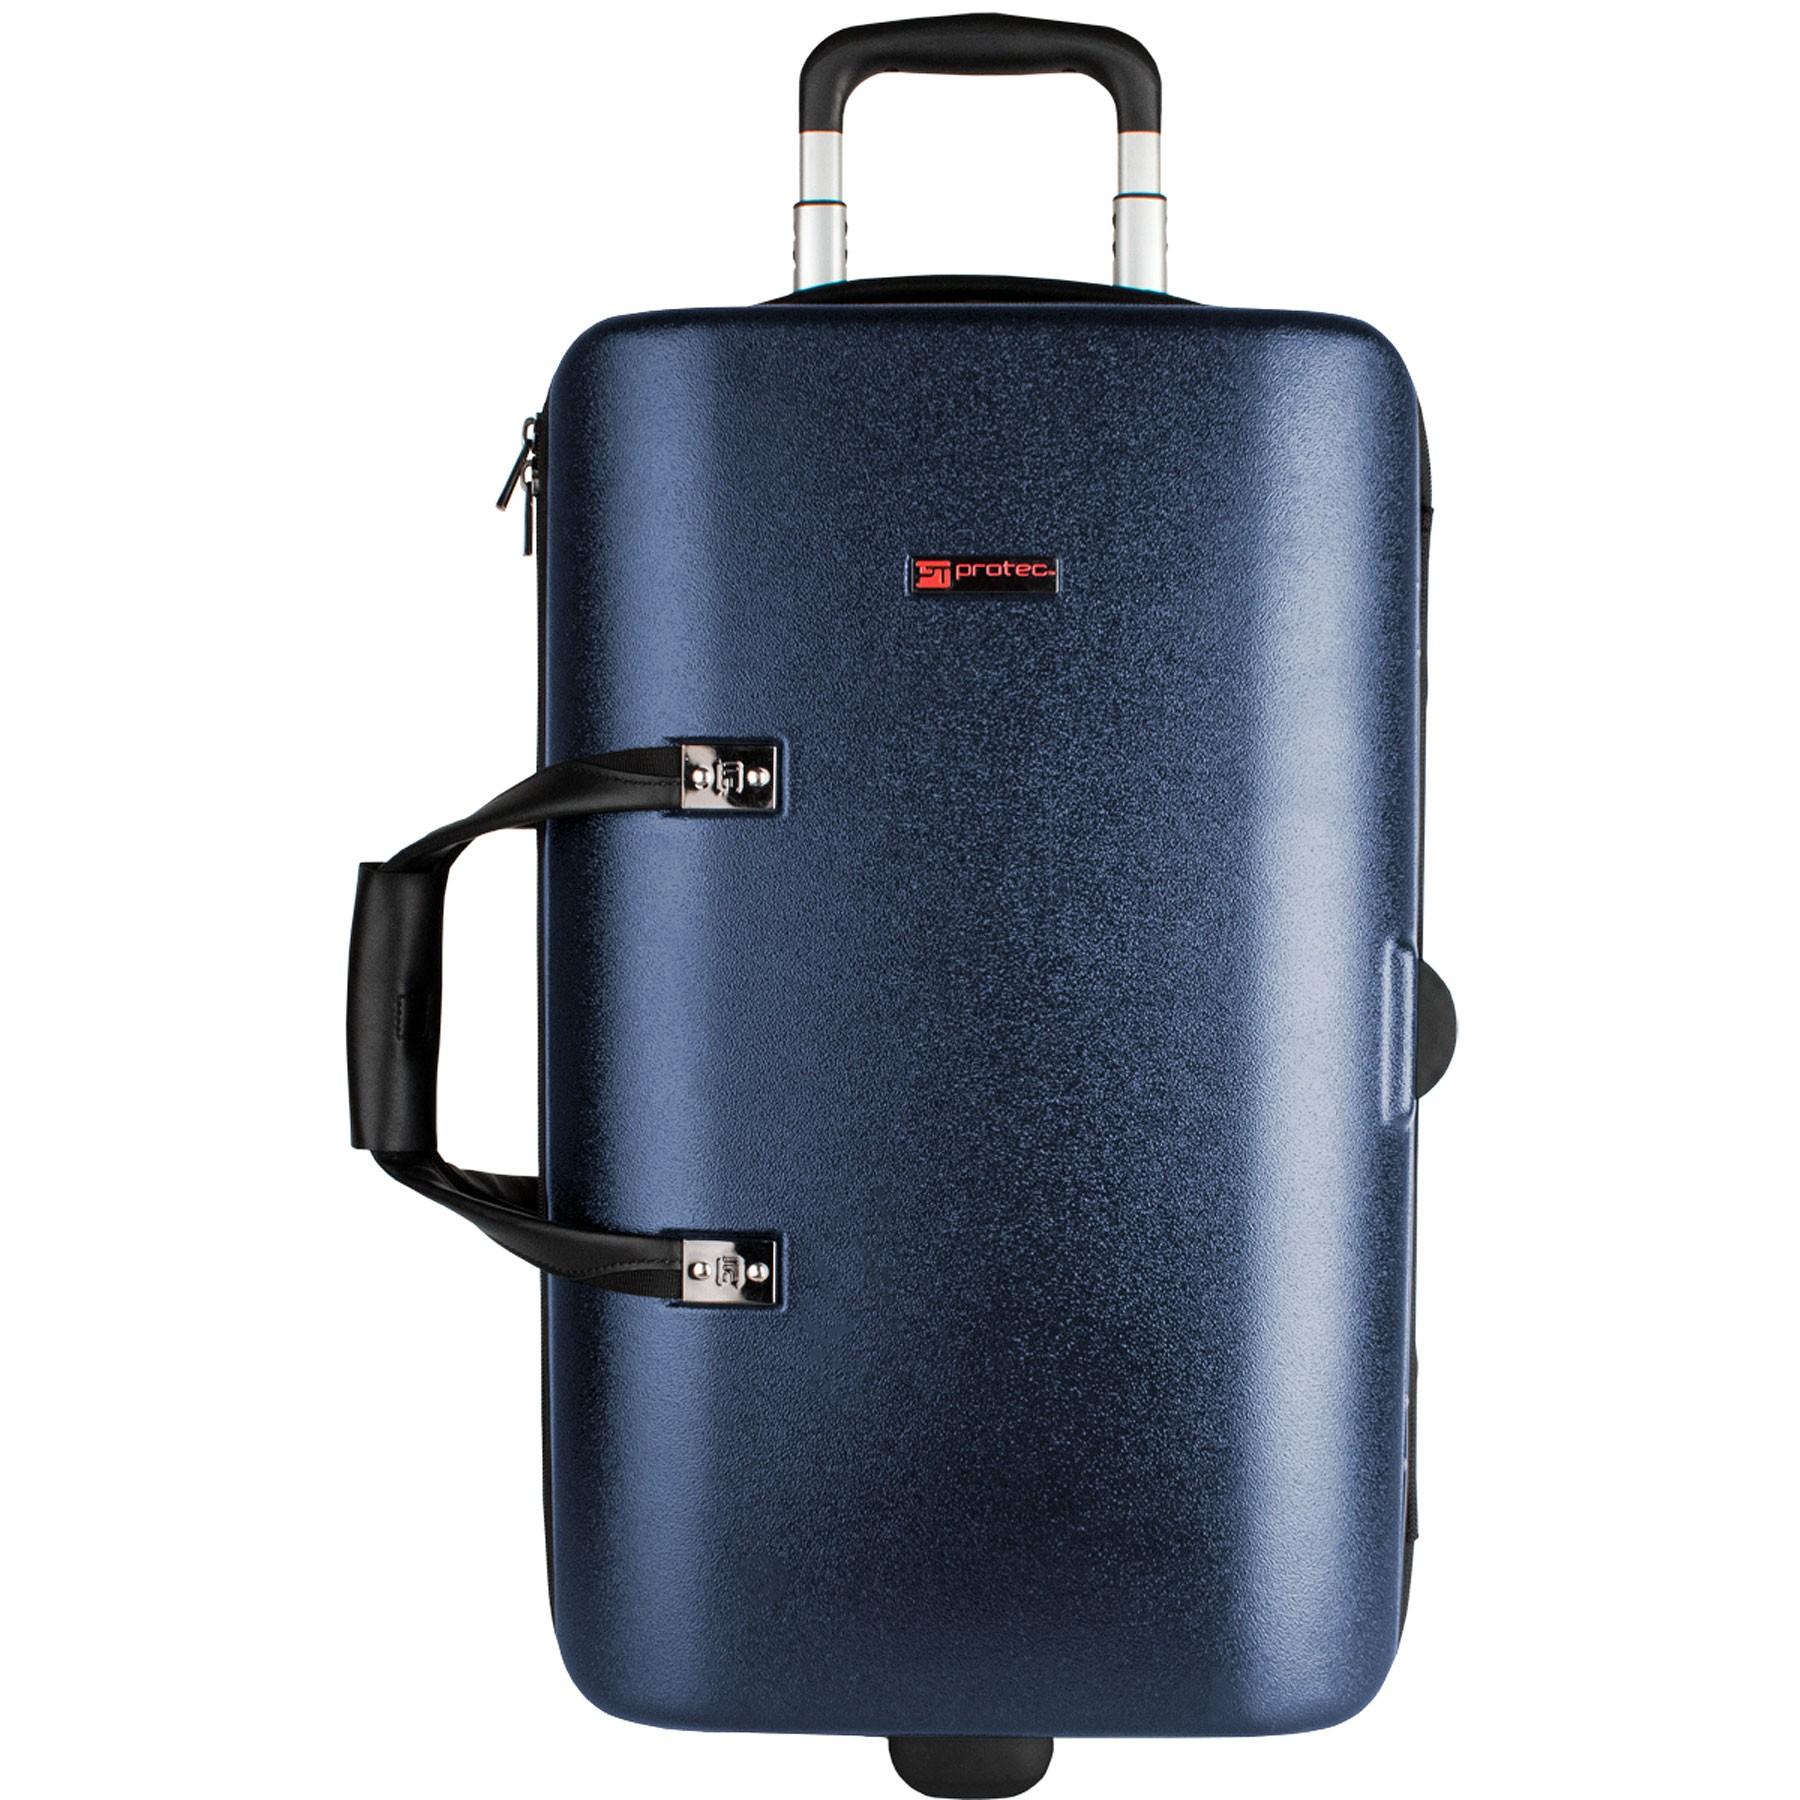 Protec Single / Double / Triple Horn ZIP Case (Blue BLT301TBX)